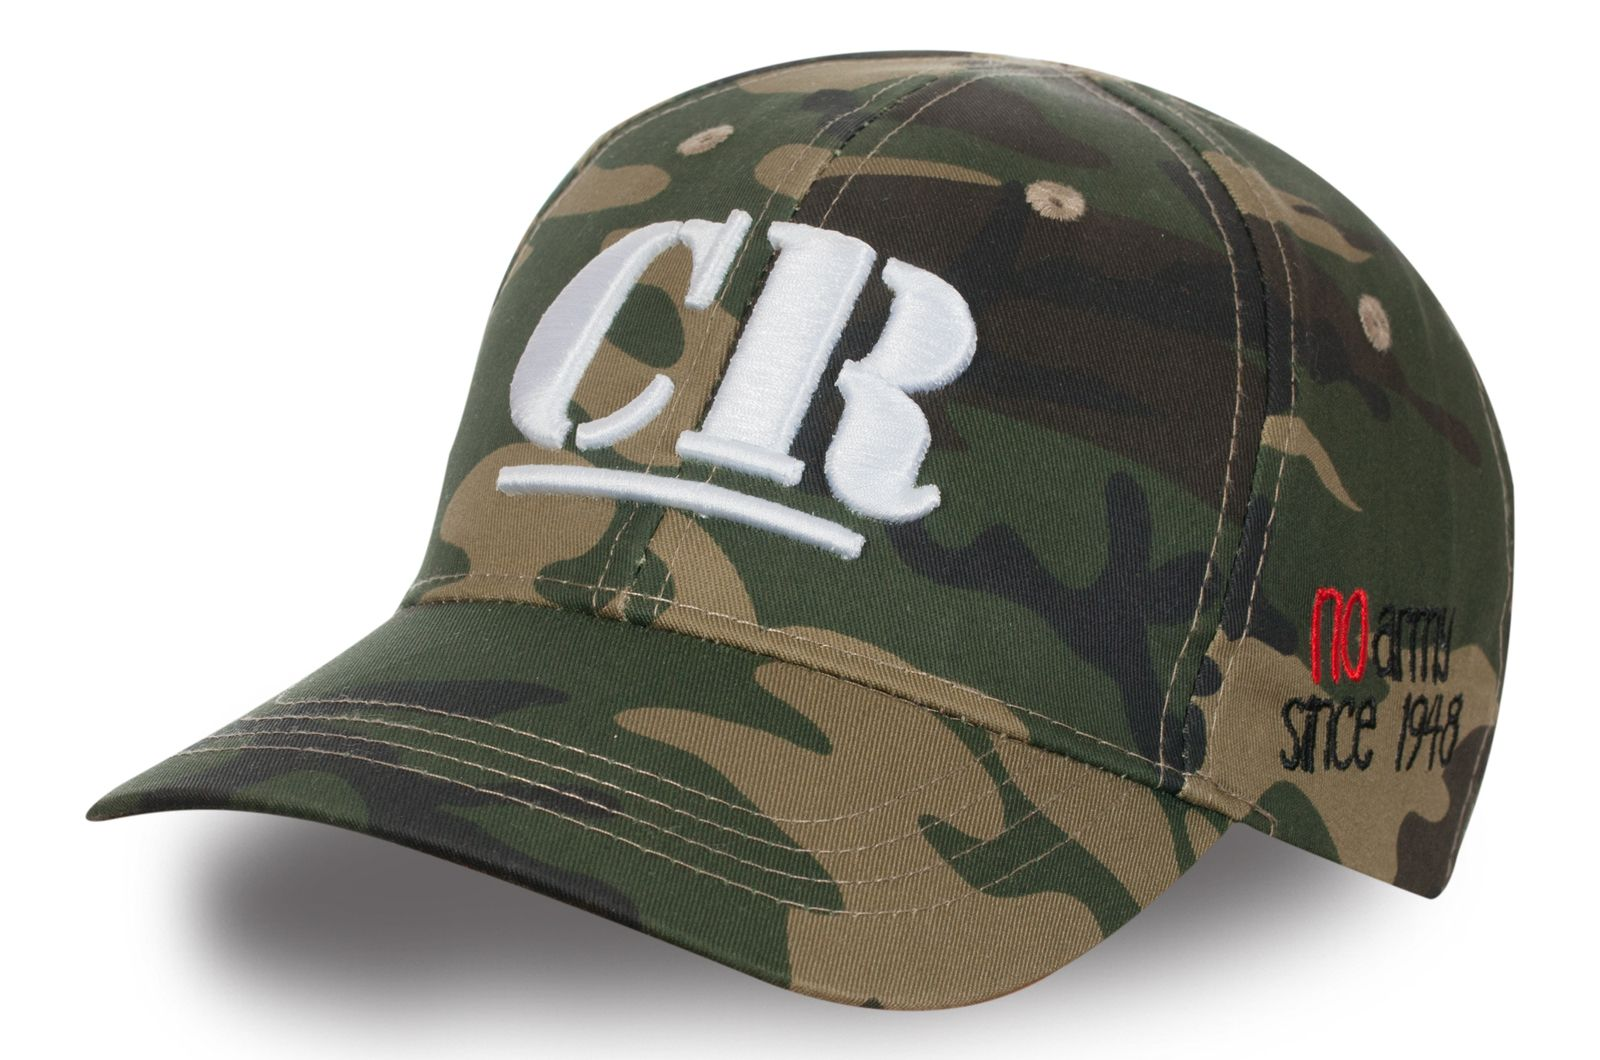 Камуфляжная бейсболка Commando Regiment - купить в интернет-магазине